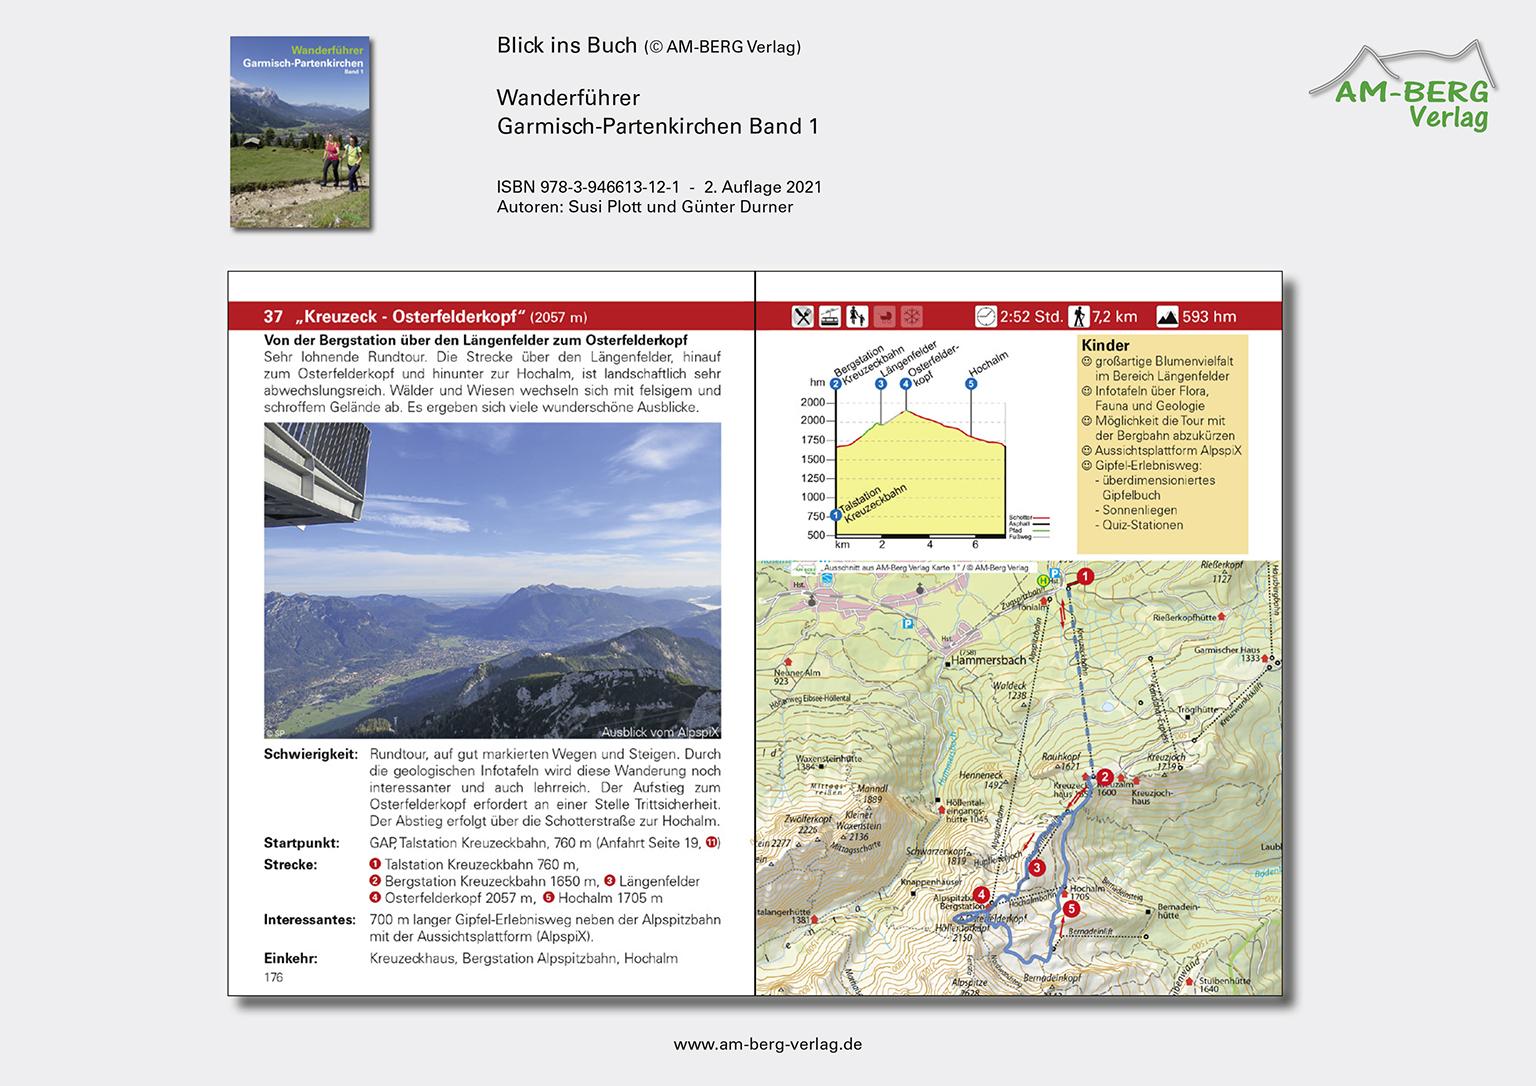 Wanderführer Garmisch-Partenkirchen Band 1_Blick ins Buch07